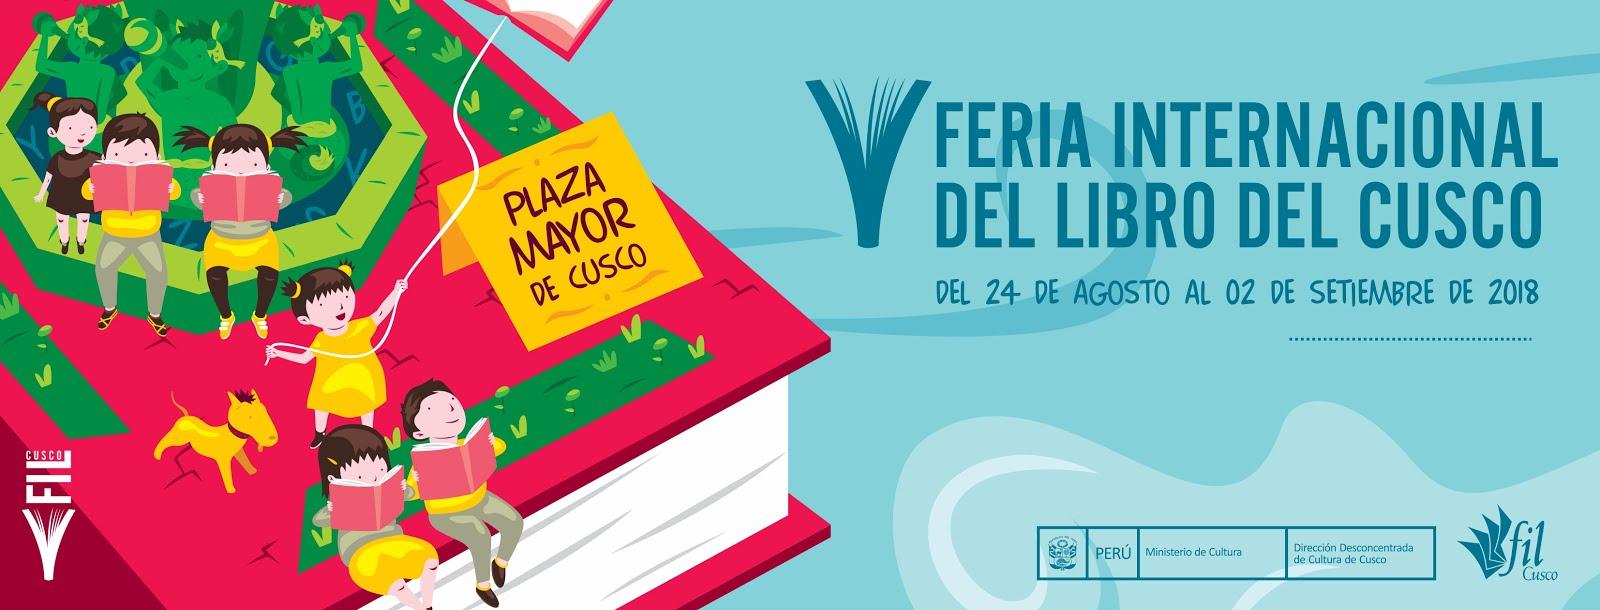 En V Feria Internacional del Libro de Cusco (24 agosto - 2 setiembre 2018)